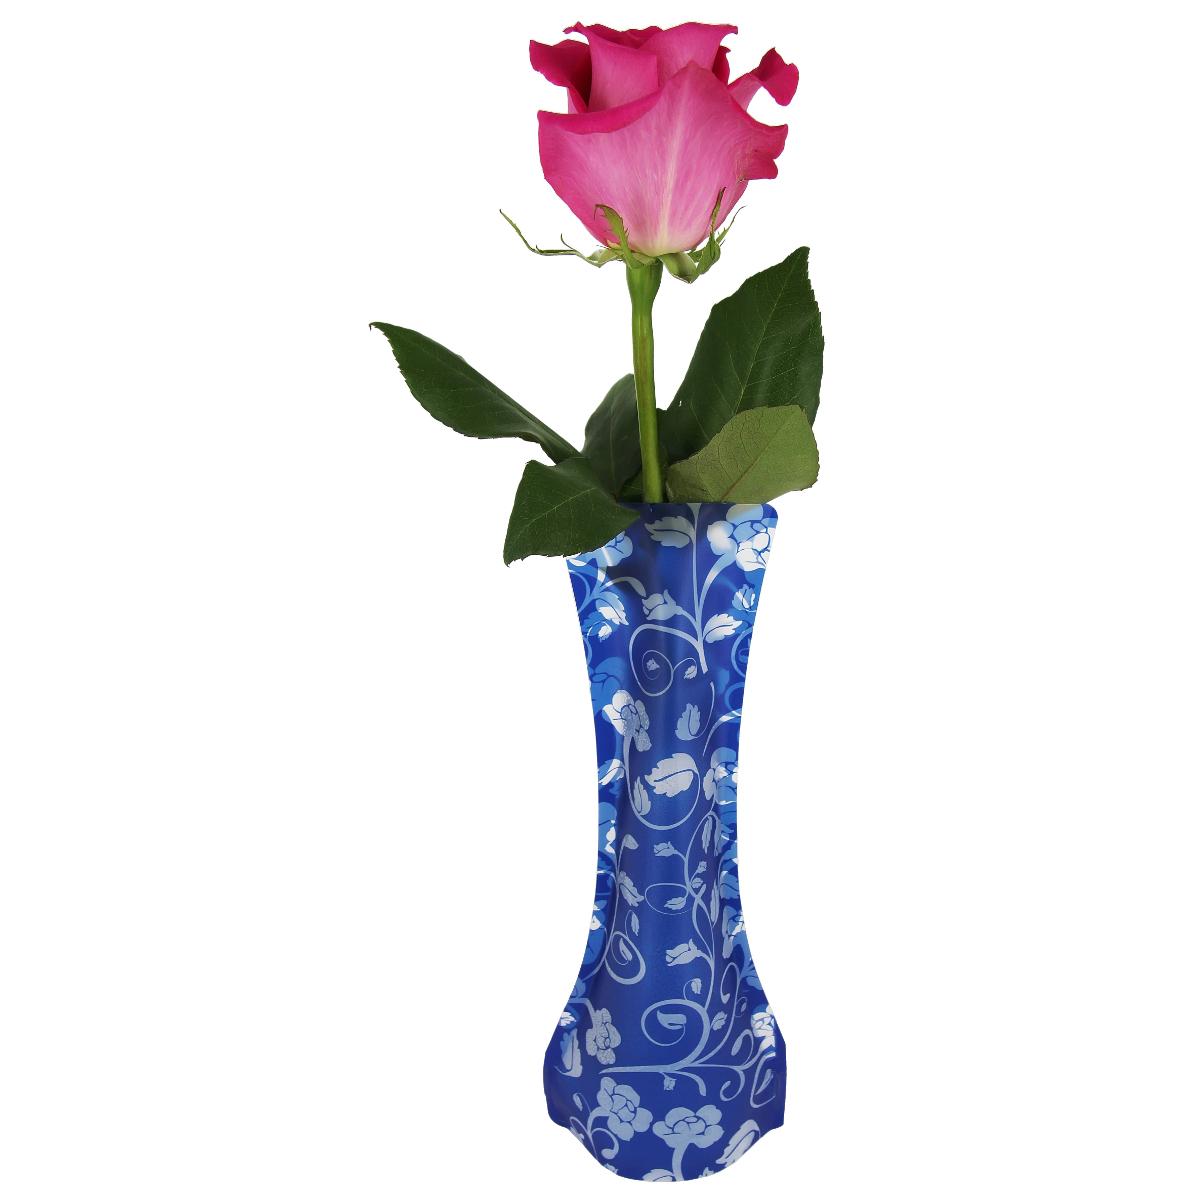 """Пластичная ваза """"Синие бутоны"""" легко складывается, удобно хранится - занимает мало места, долго служит. Всегда пригодится дома, в офисе, на даче, для оформления различных мероприятий. Отлично подойдет для перевозки цветов, или просто в подарок.Инструкция: 1. Наполните вазу теплой водой;2. Дно и стенки расправятся;3. Вылейте воду;4. Наполните вазу холодной водой;5. Вставьте цветы.Меры предосторожности:Хранить вдали от источников тепла и яркого солнечного света. С осторожностью применять для растений с длинными стеблями и с крупными соцветиями, что бы избежать опрокидывания вазы."""